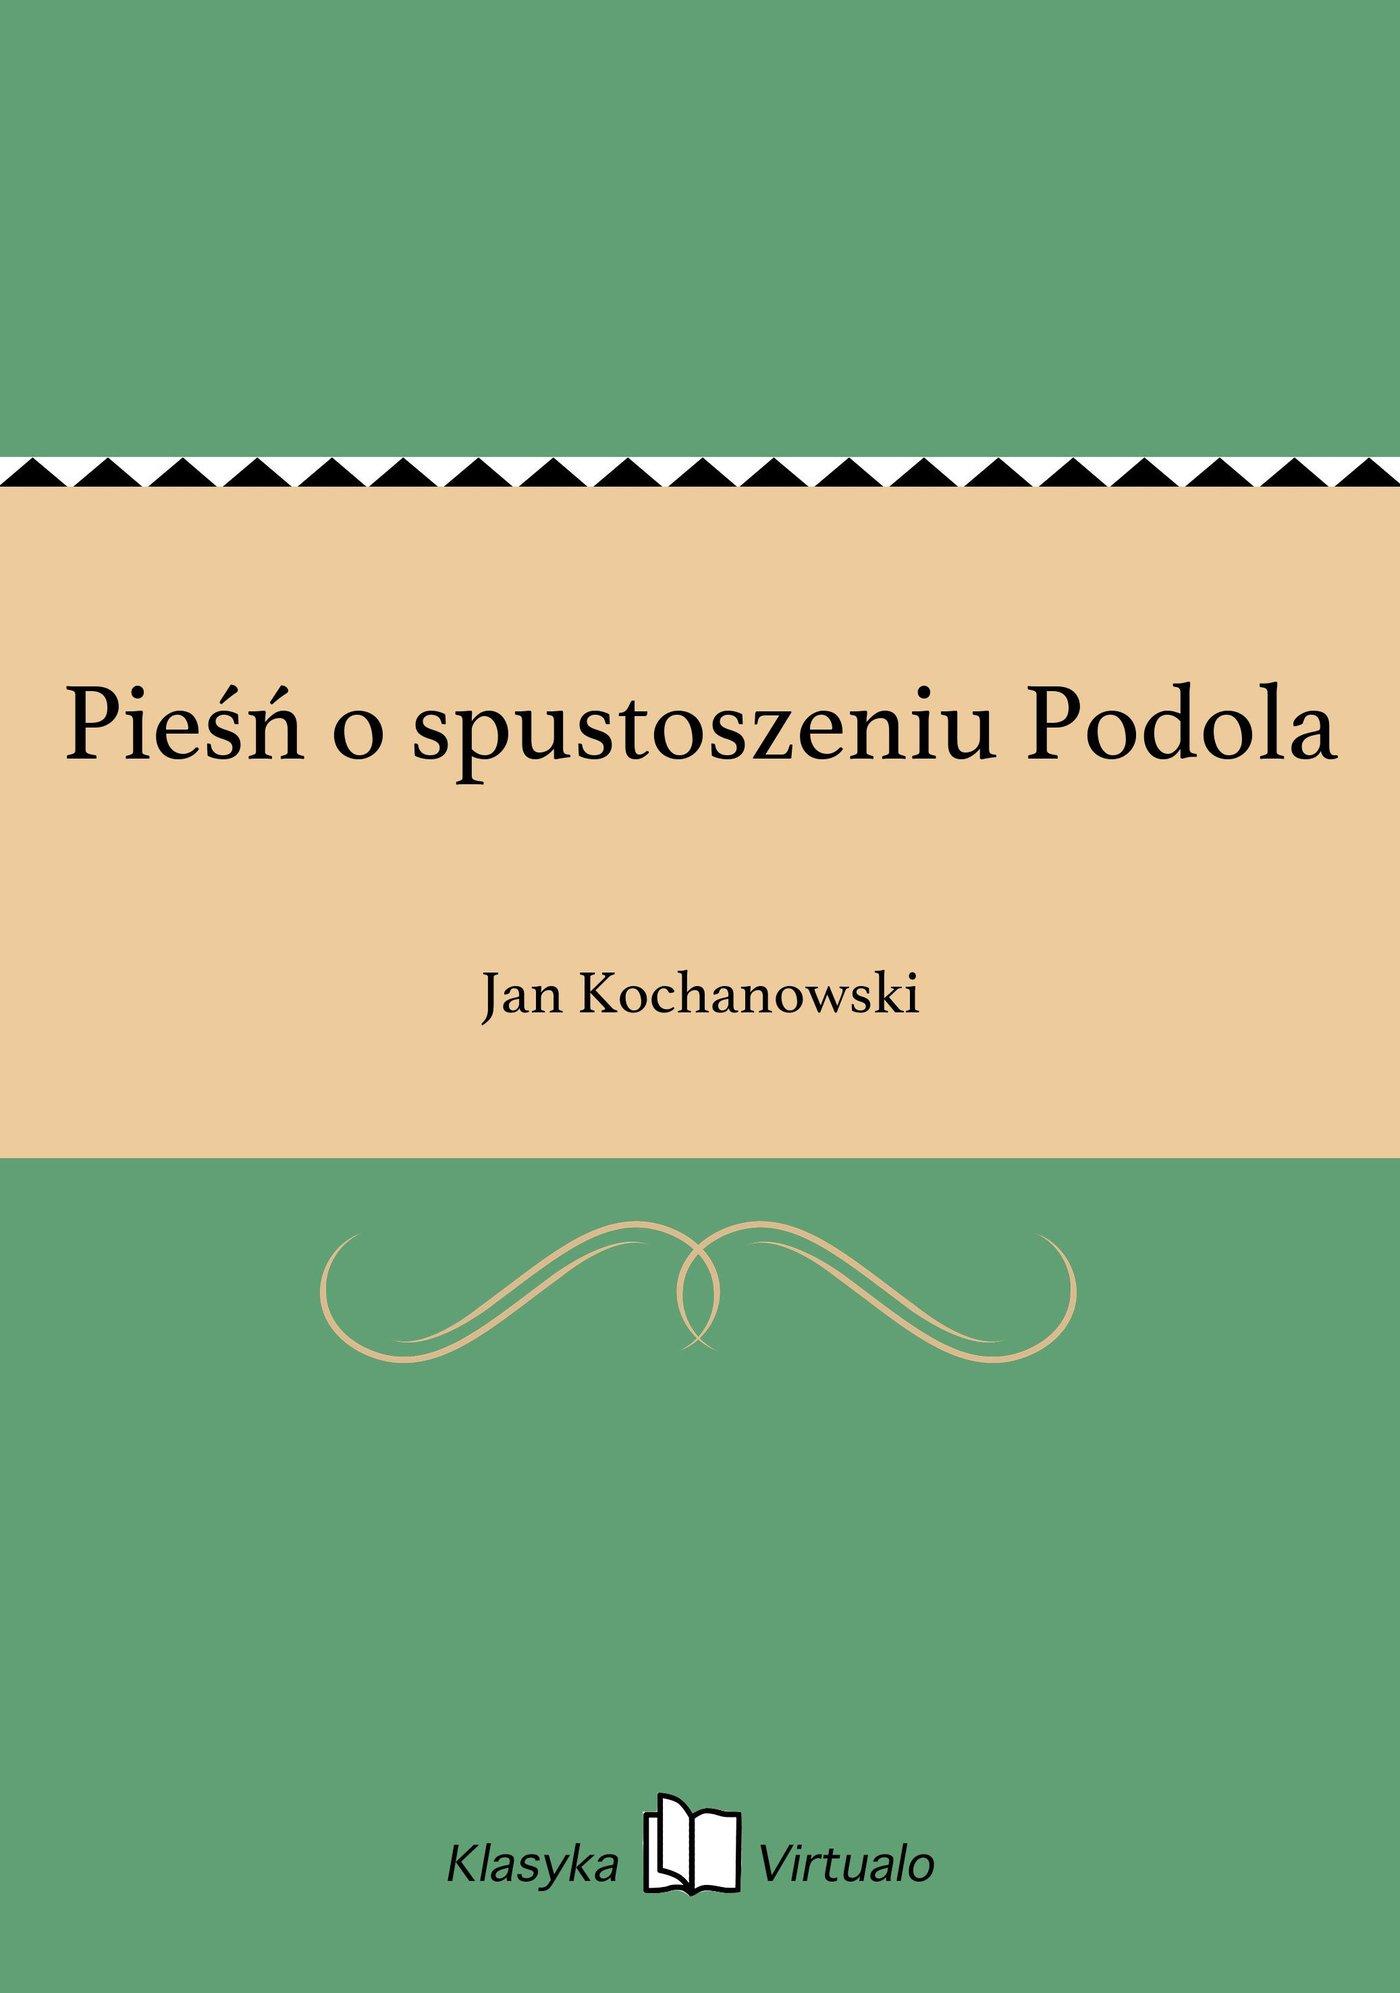 Pieśń o spustoszeniu Podola - Ebook (Książka EPUB) do pobrania w formacie EPUB